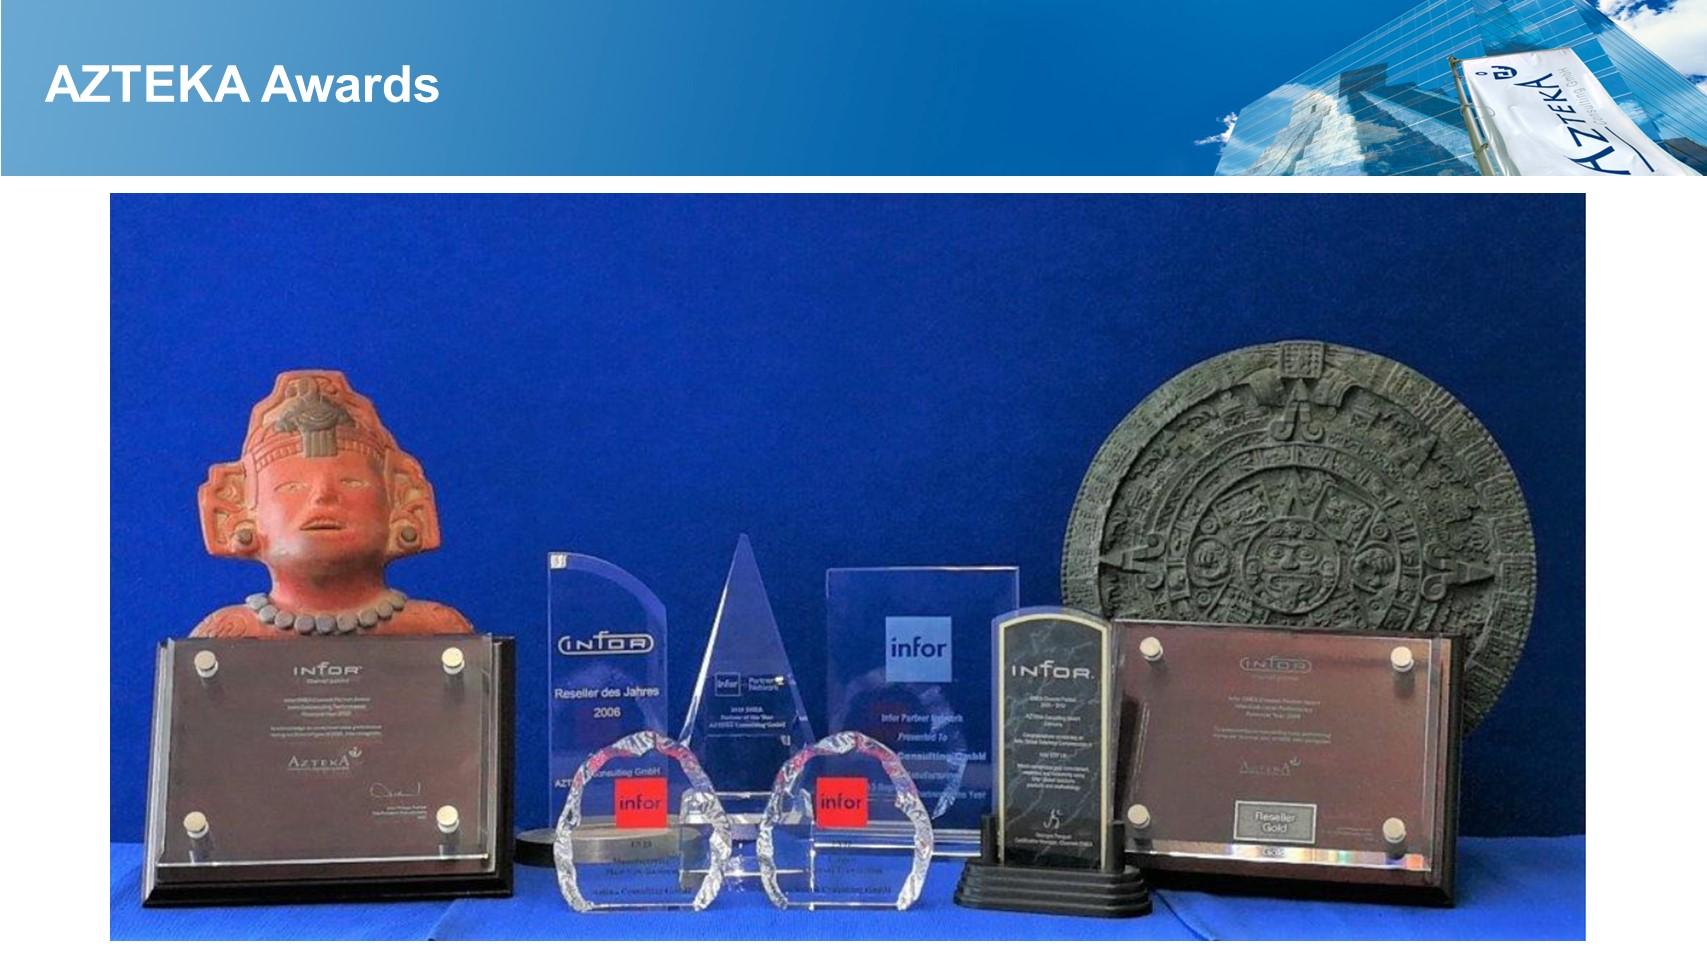 Infor Auszeichnungen prägen den Weg der AZTEKA